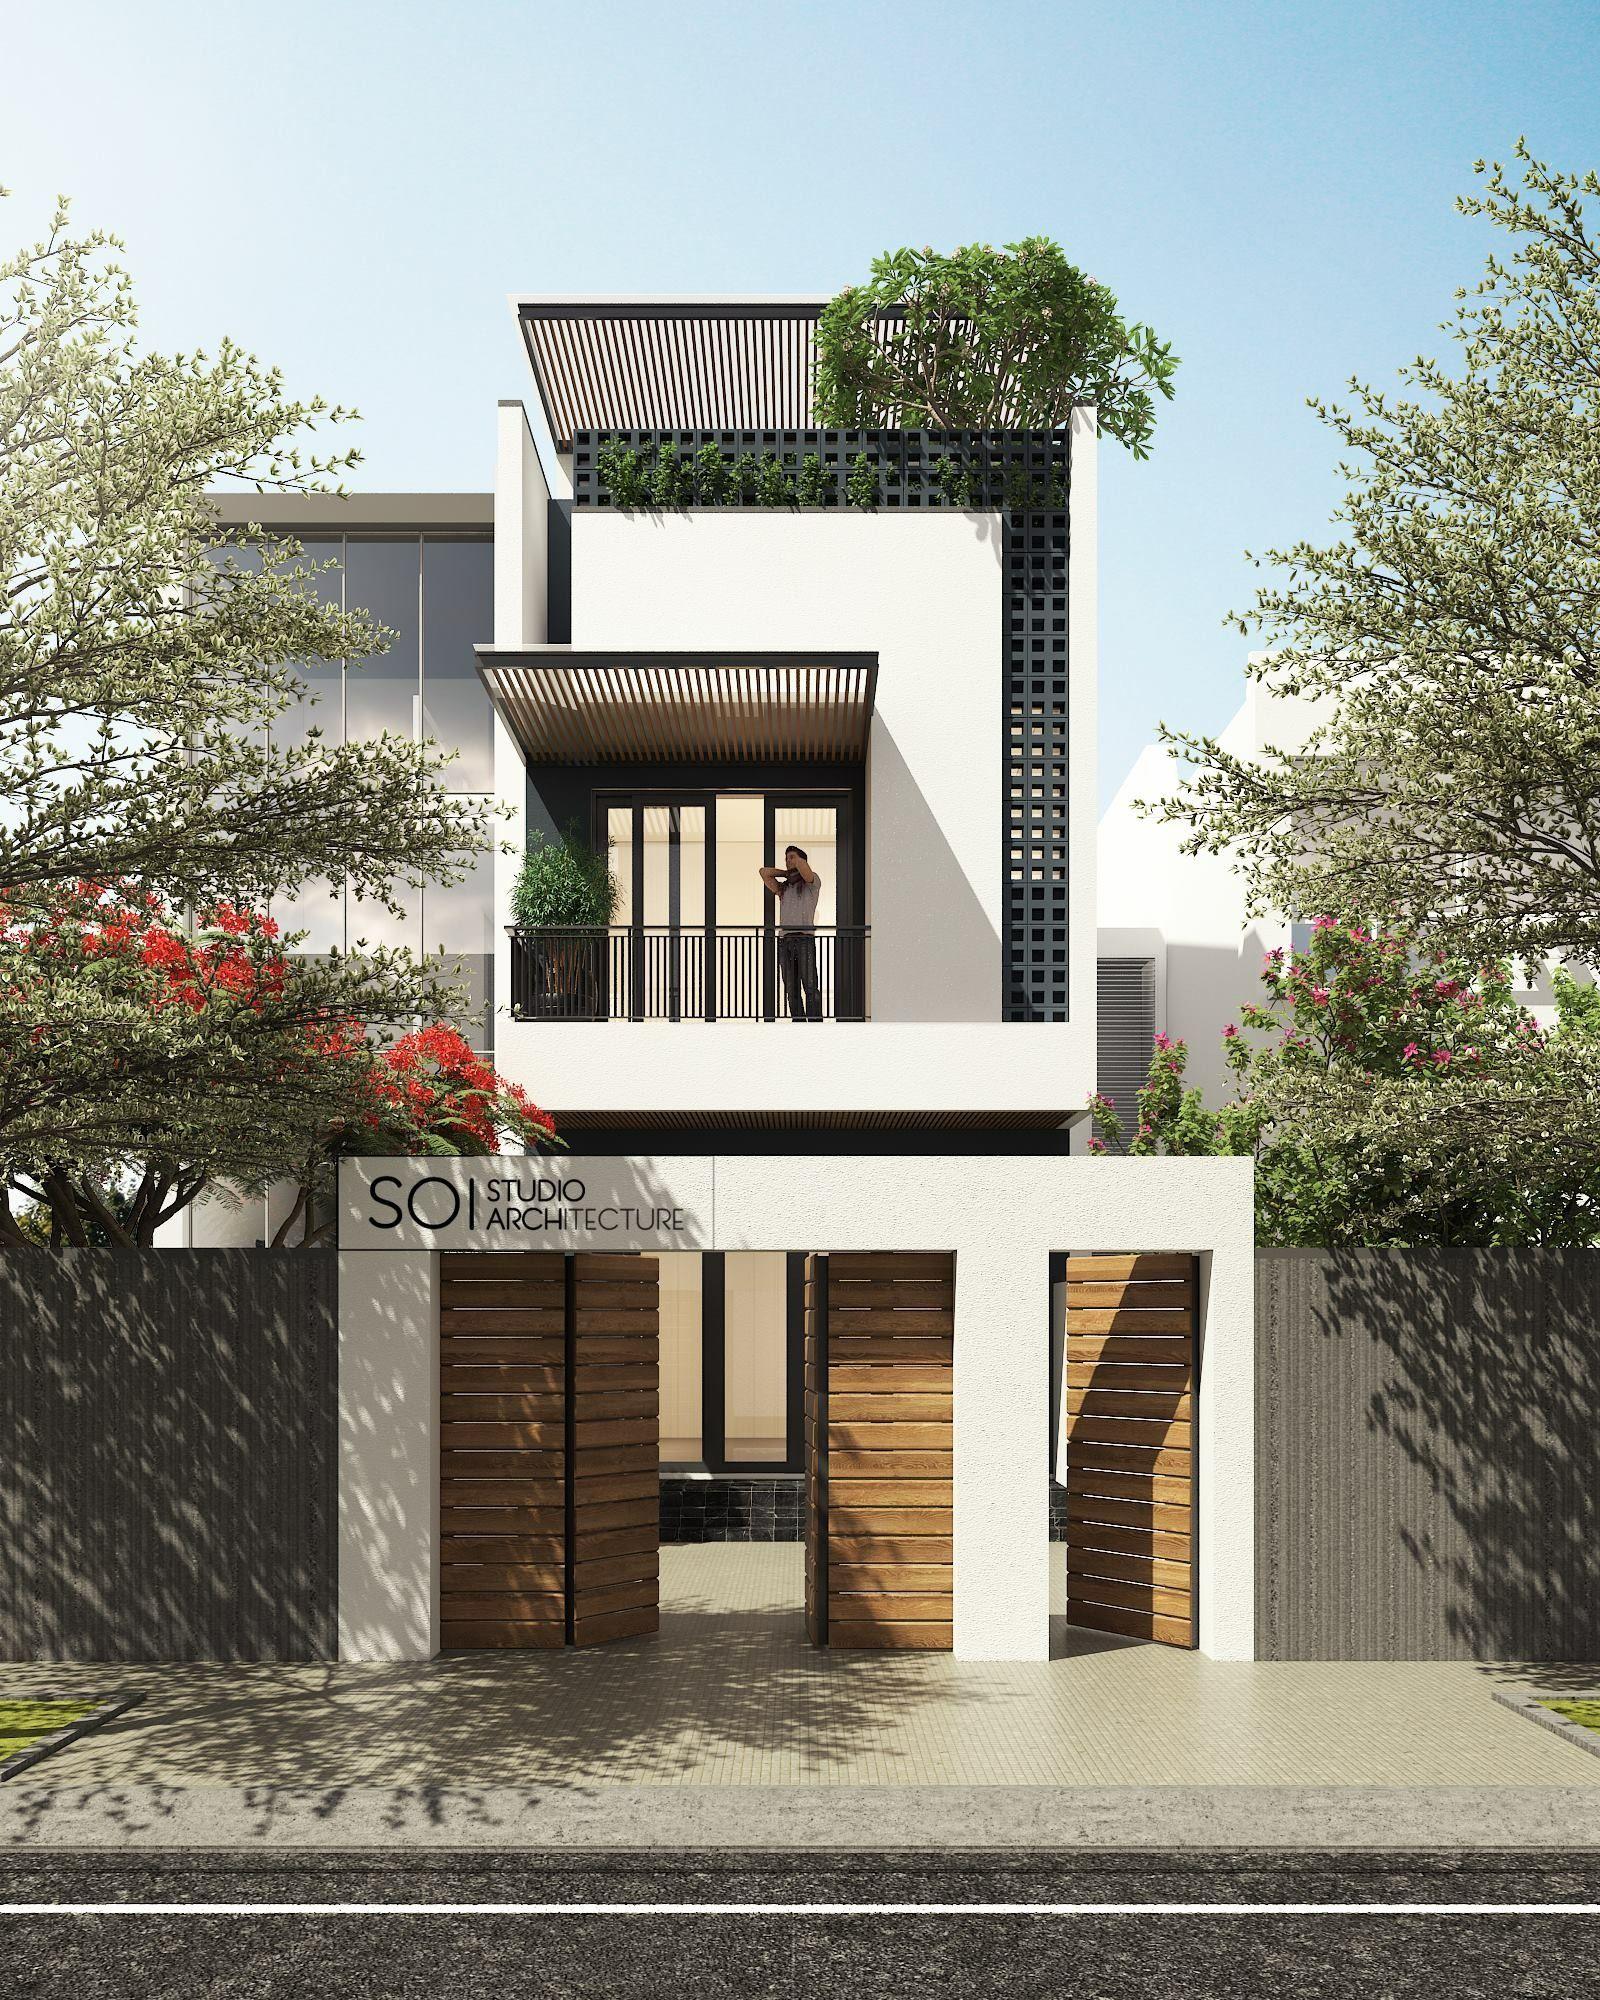 Maison moderne immobilier maison de ville maison compacte maison étroite maisons